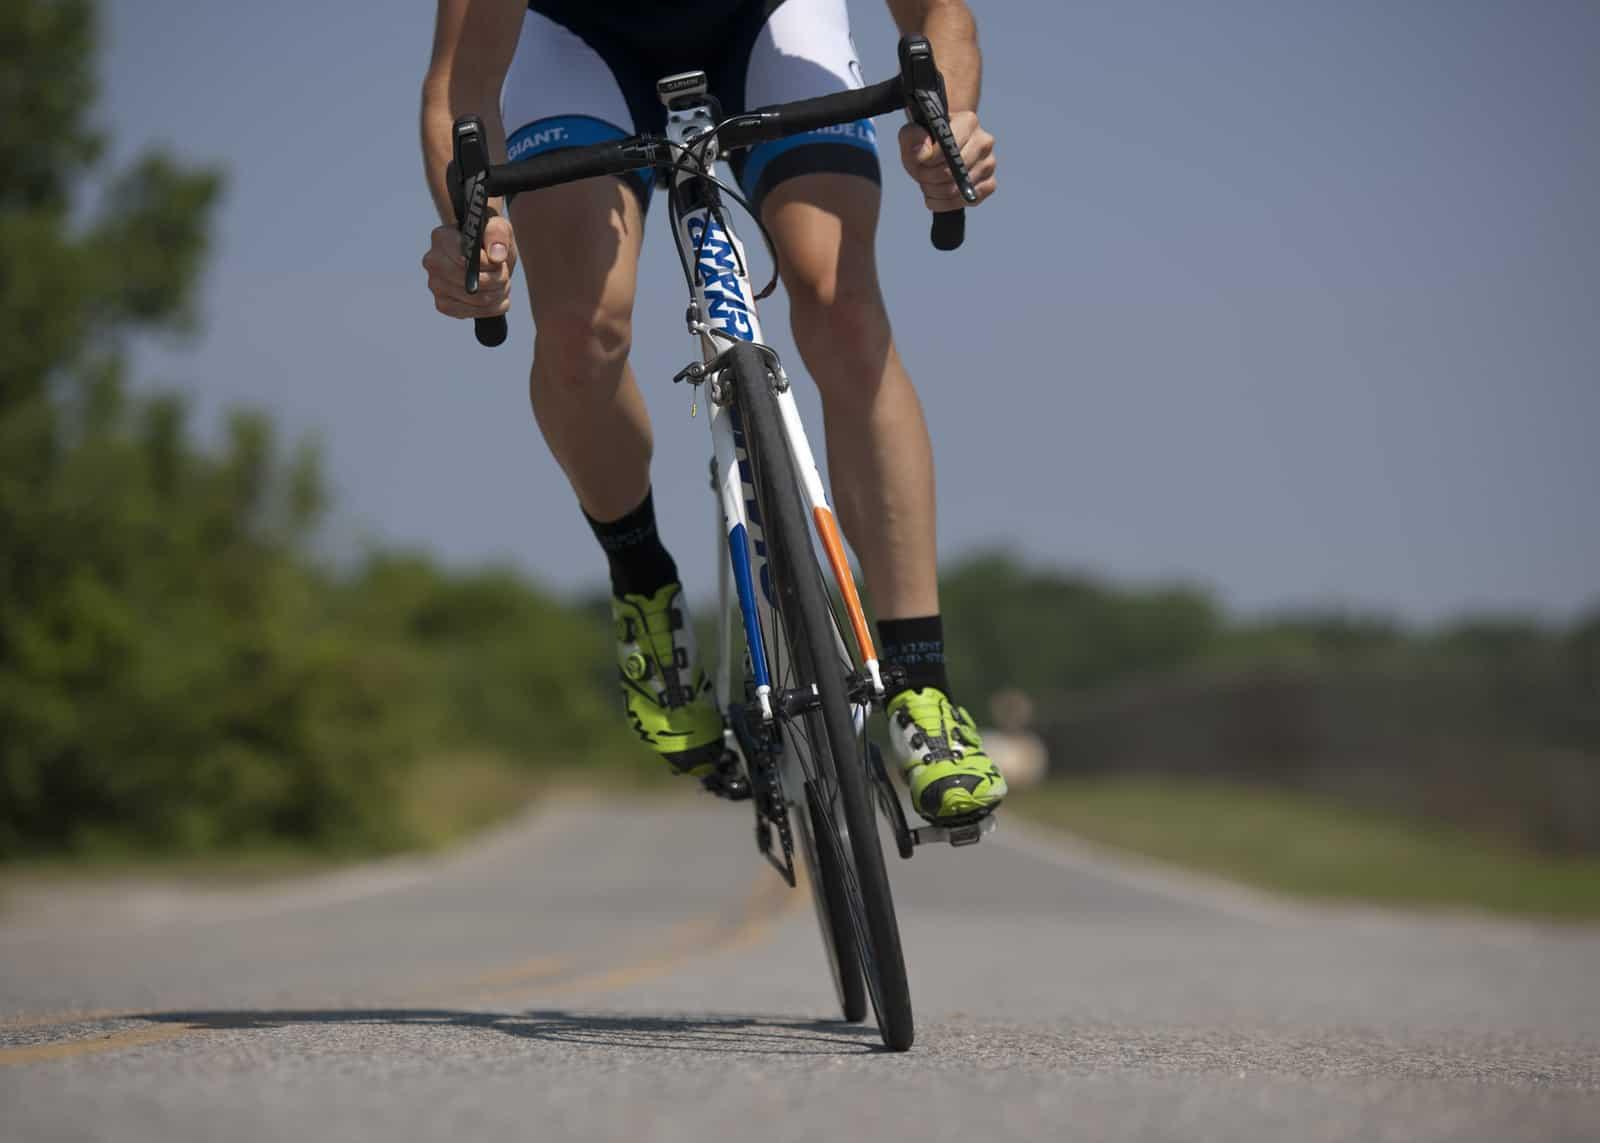 wearing cycling shoes